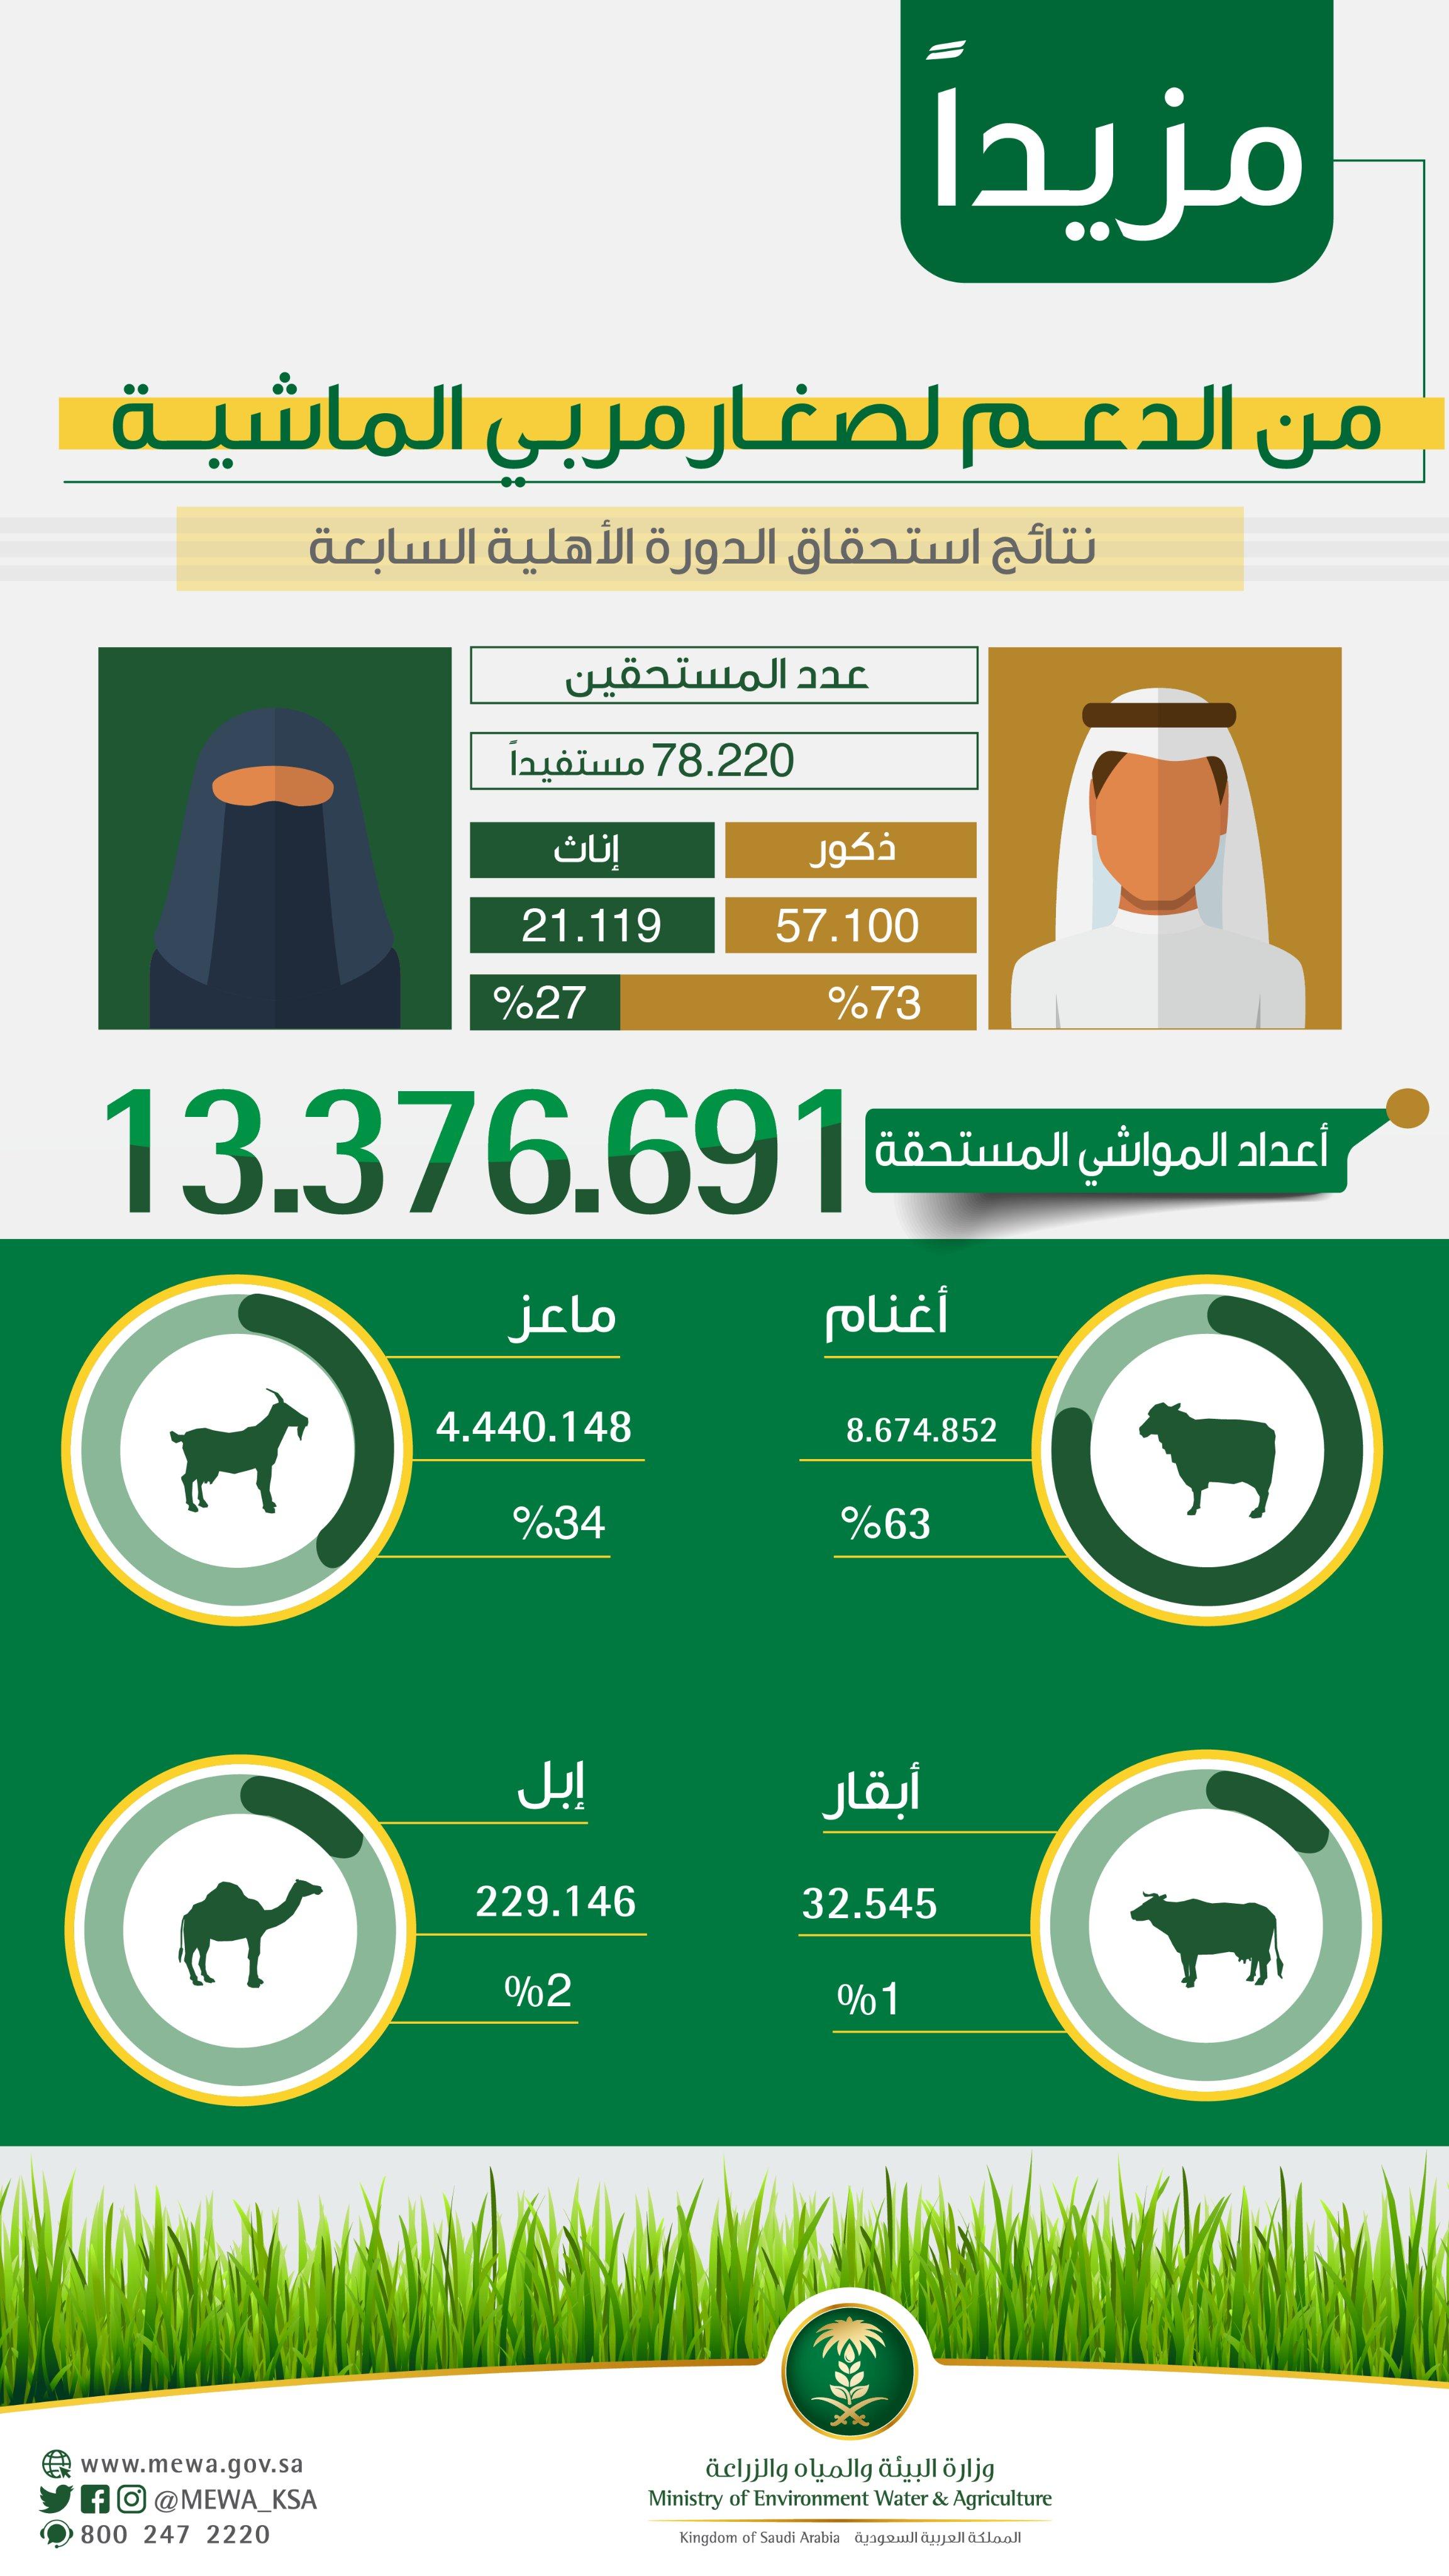 وزير البيئة السعودي صرف الدفعة السابعة من الدعم الشهري لصغار مربي الماشية معلومات مباشر